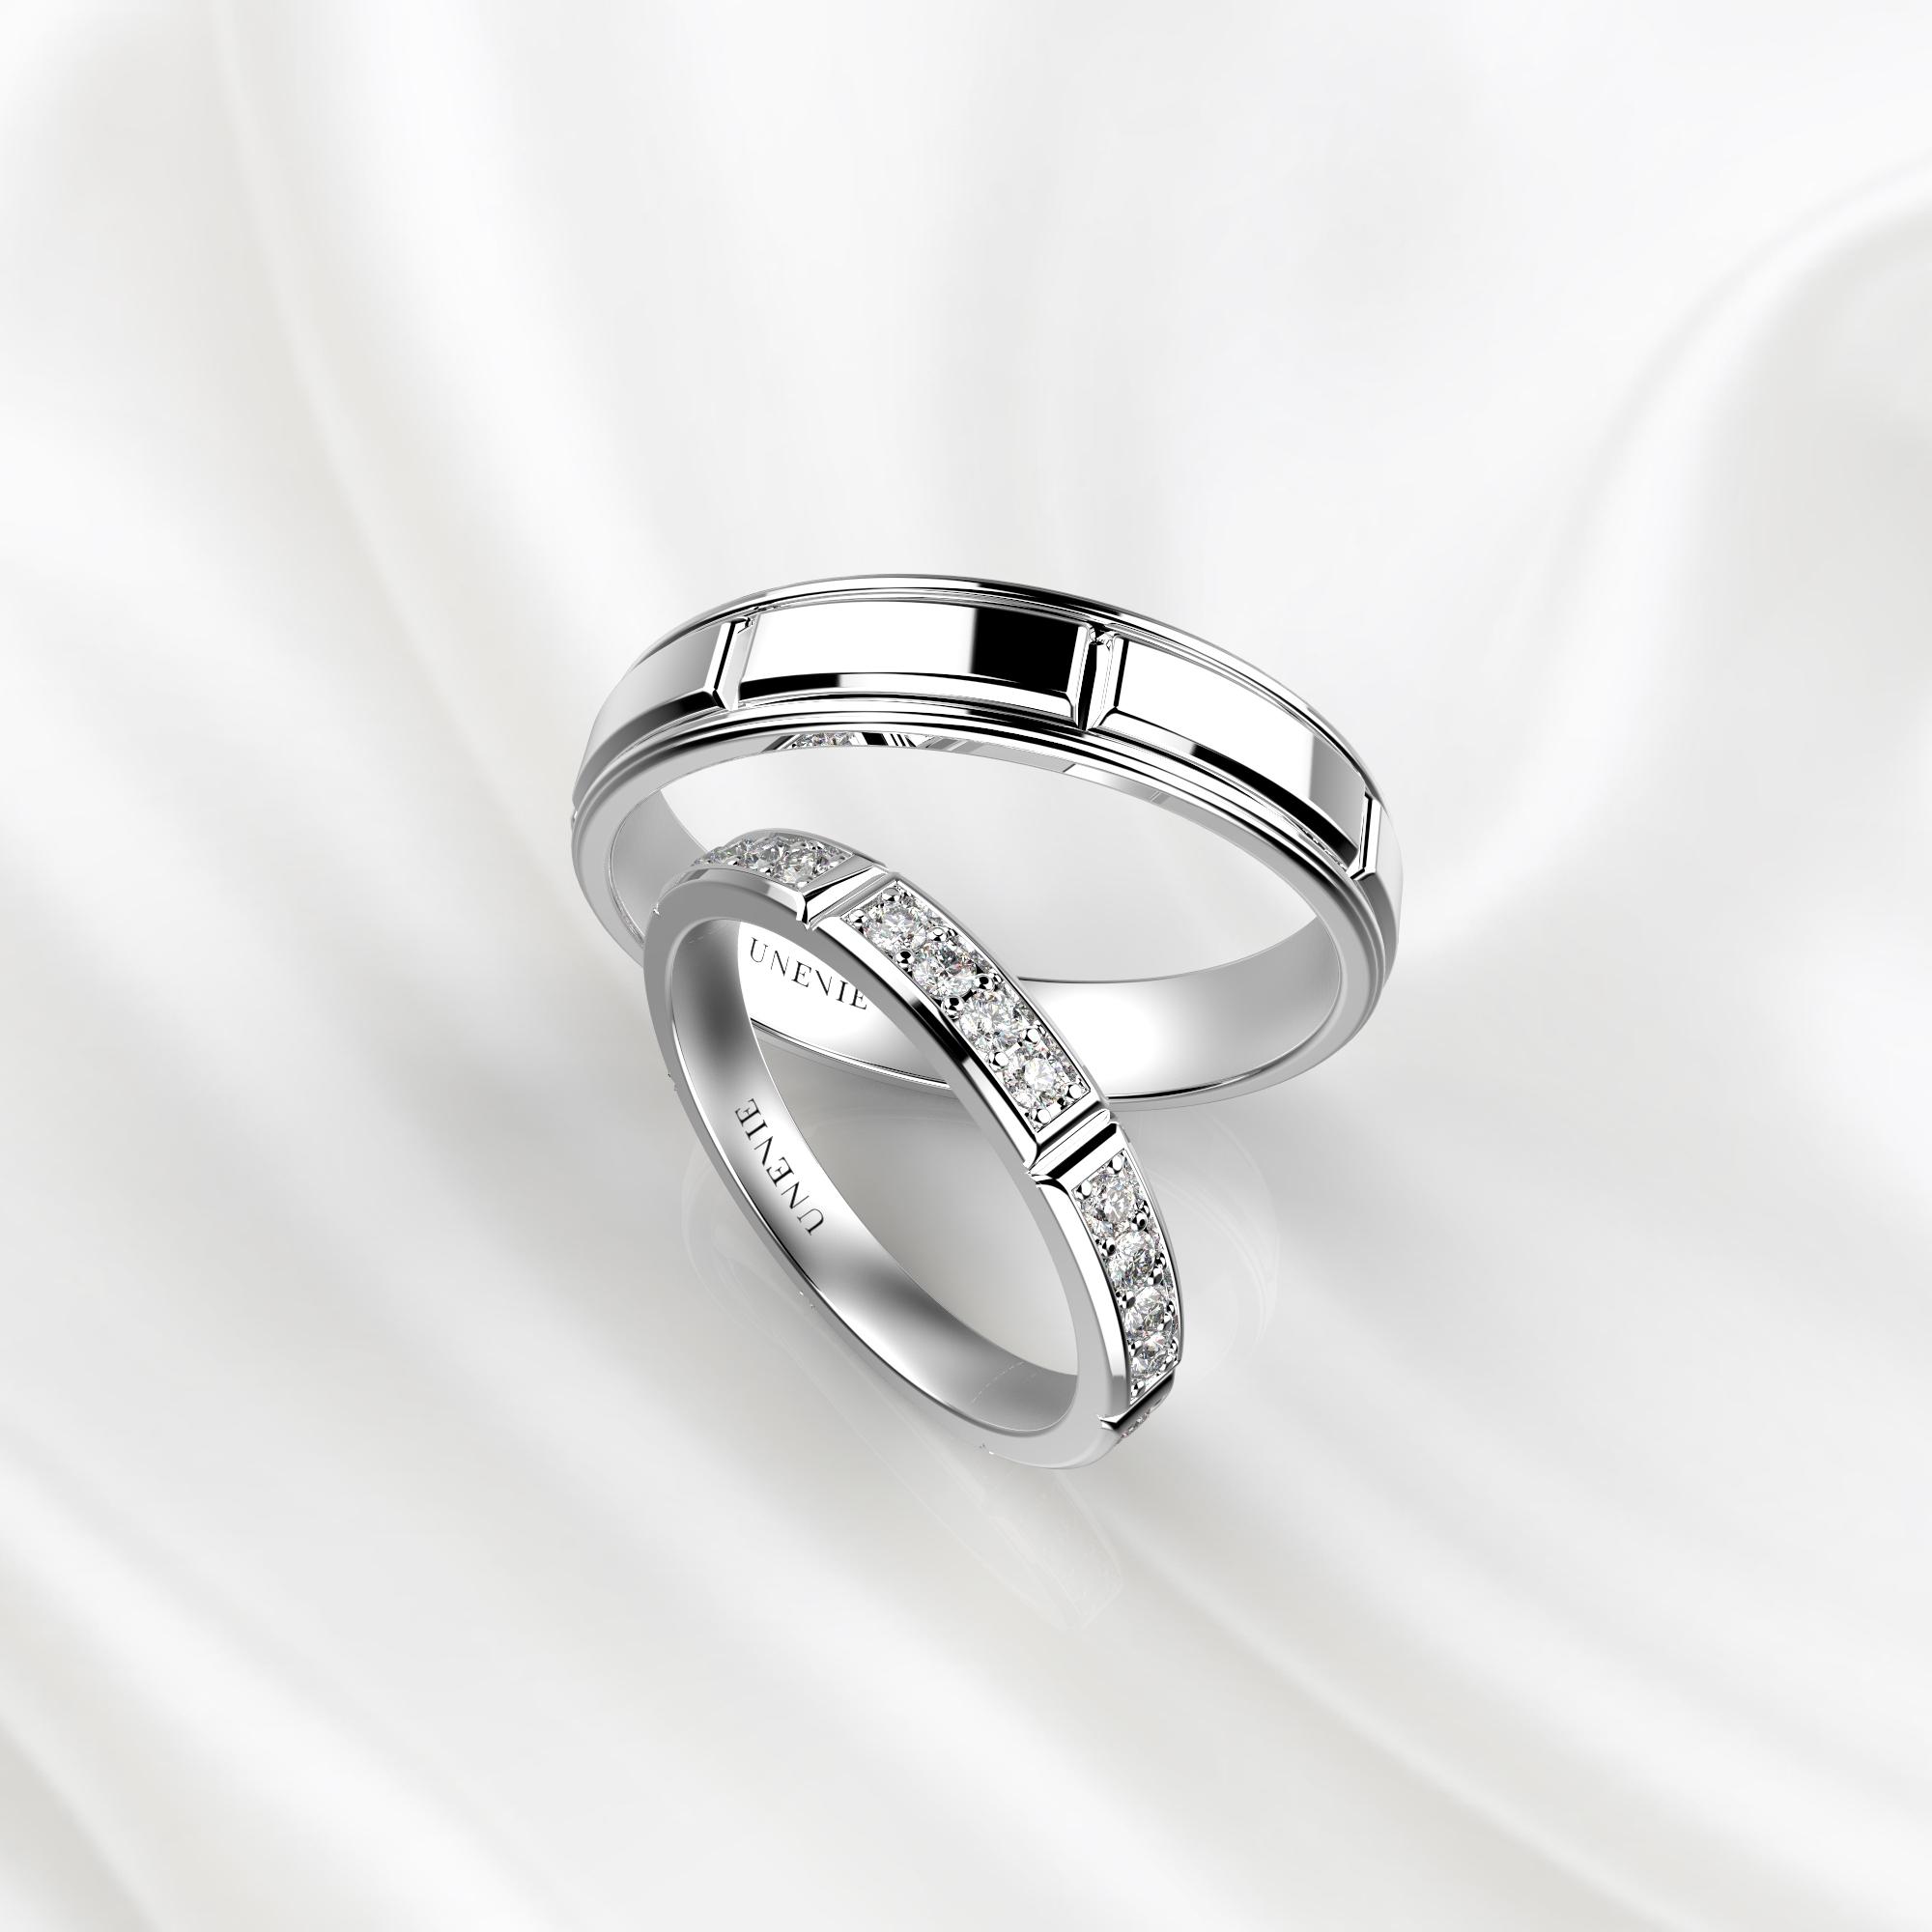 NV40 Обручальные кольца из белого золота с бриллиантами до середины